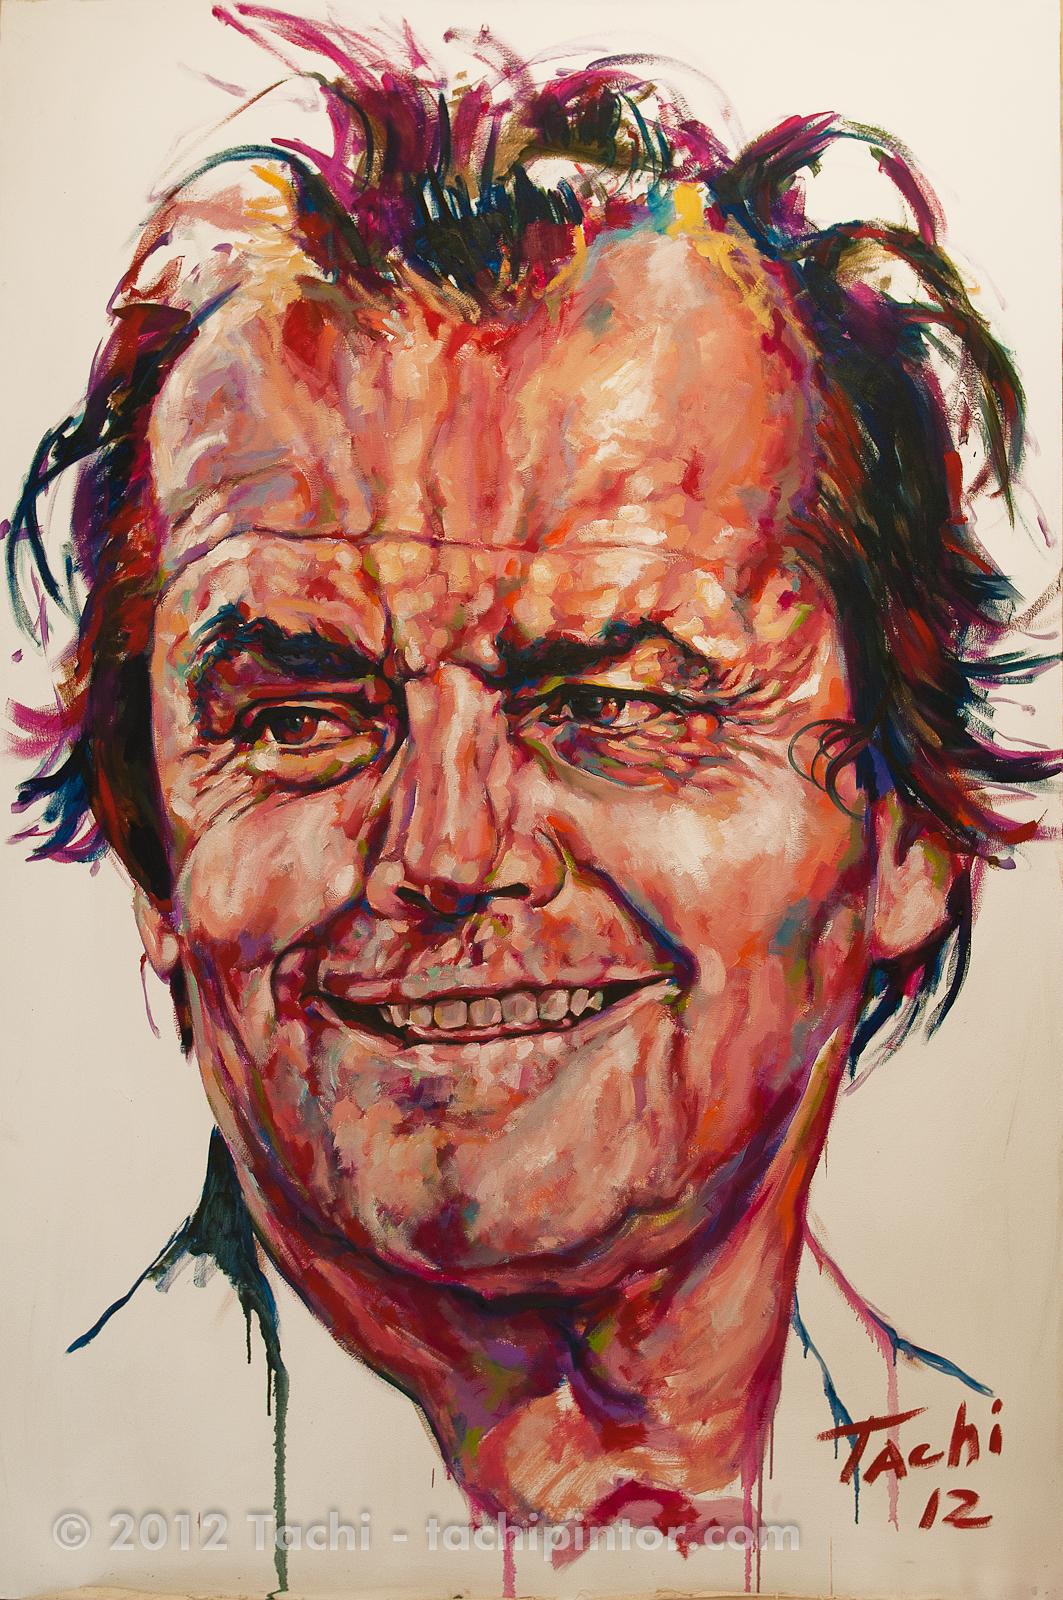 Jack Nicholson by Tachi - © www.tachipintor.com